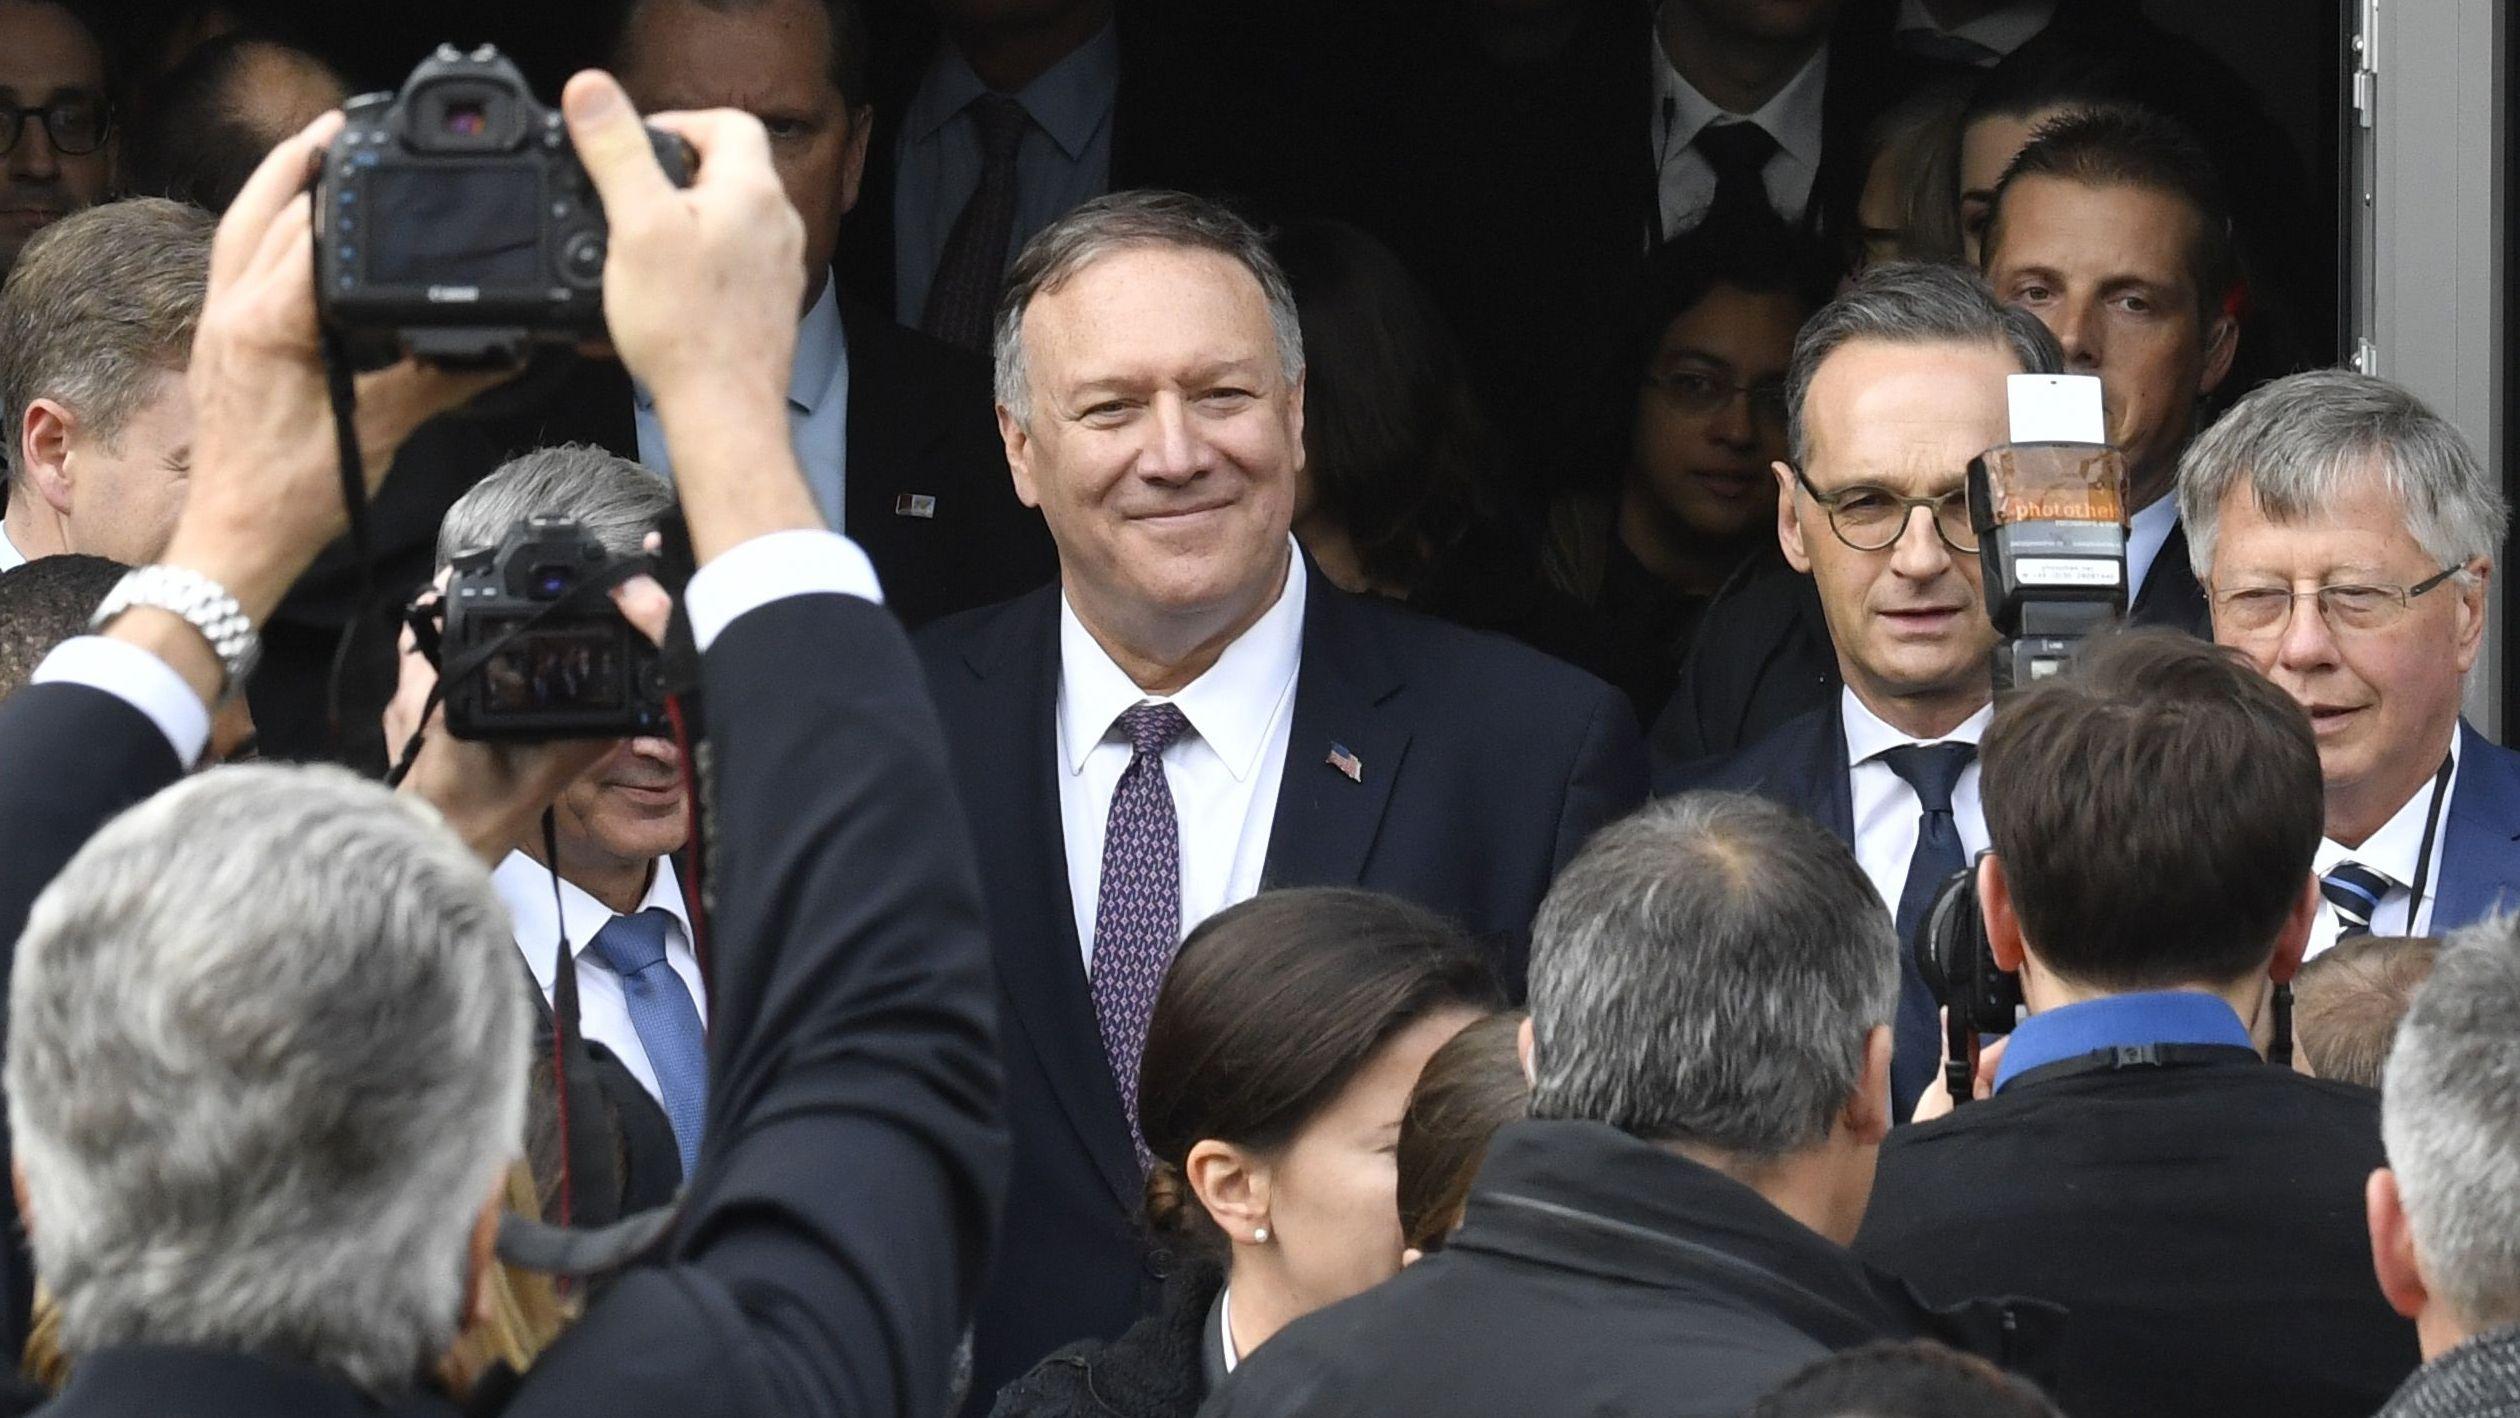 Zwei Politiker vor Menschen mit Kamera.